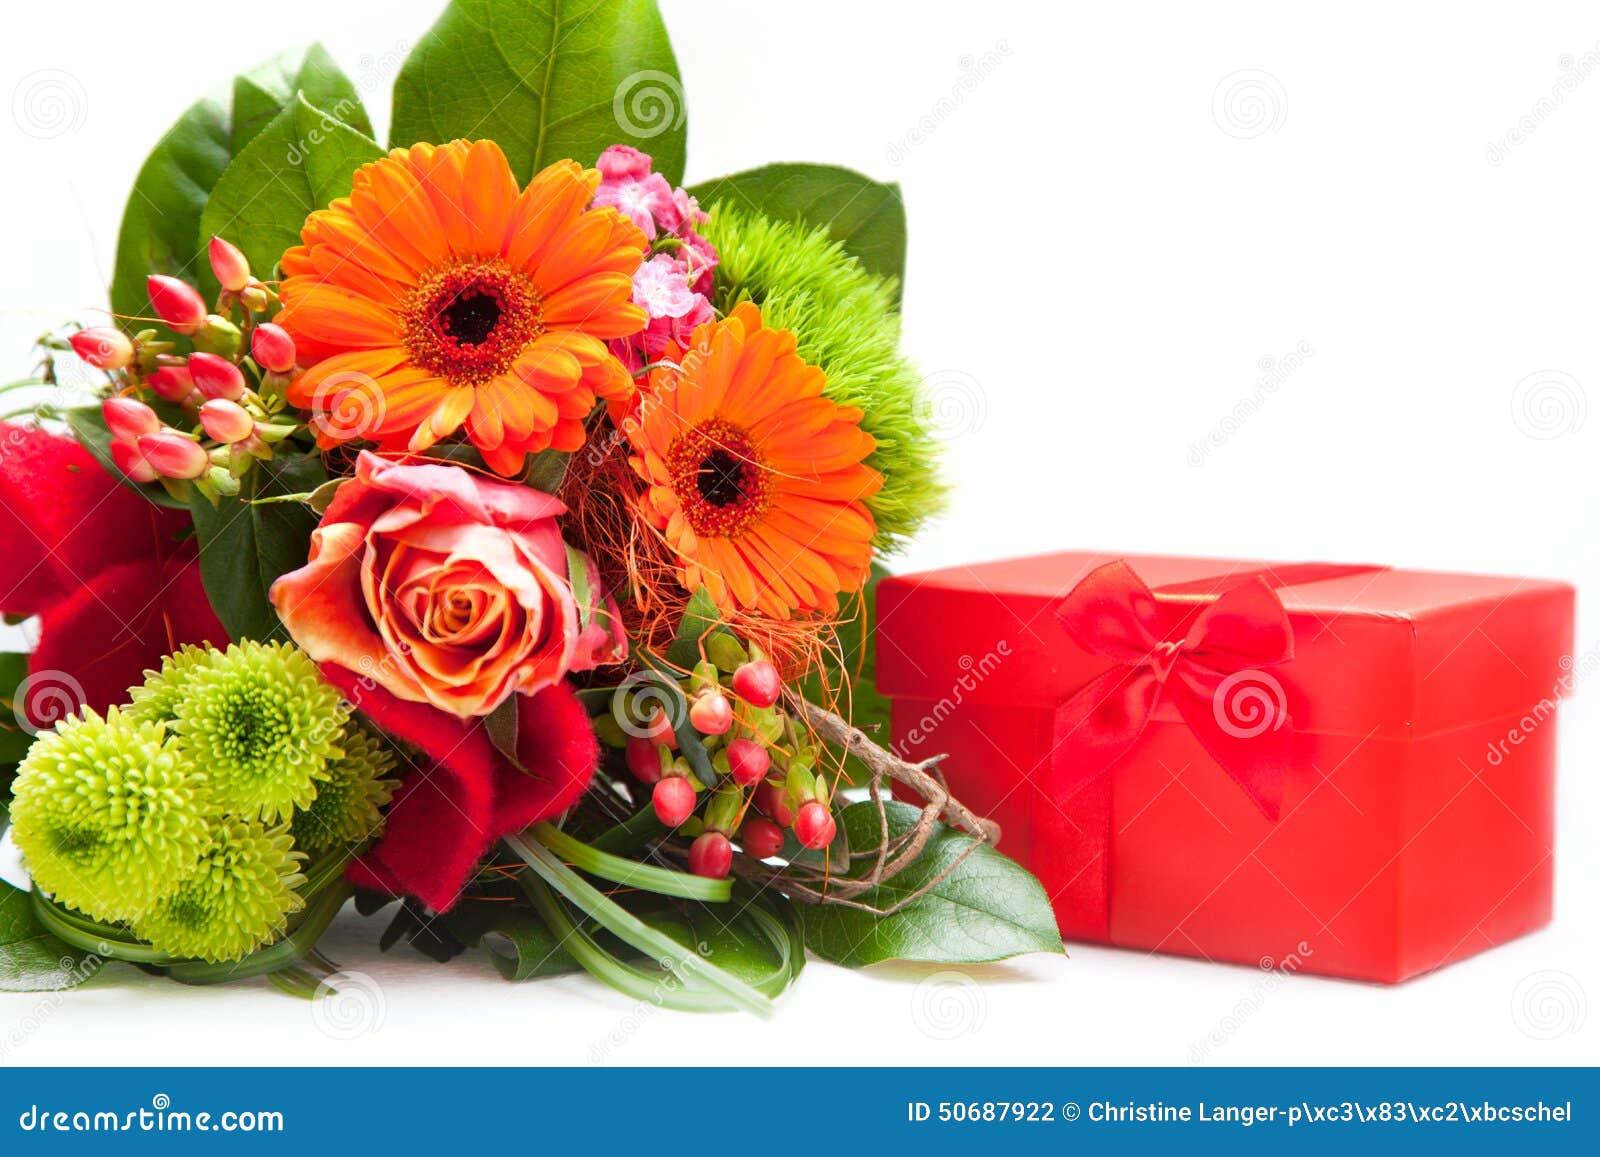 鲜花和红色礼物盒花束